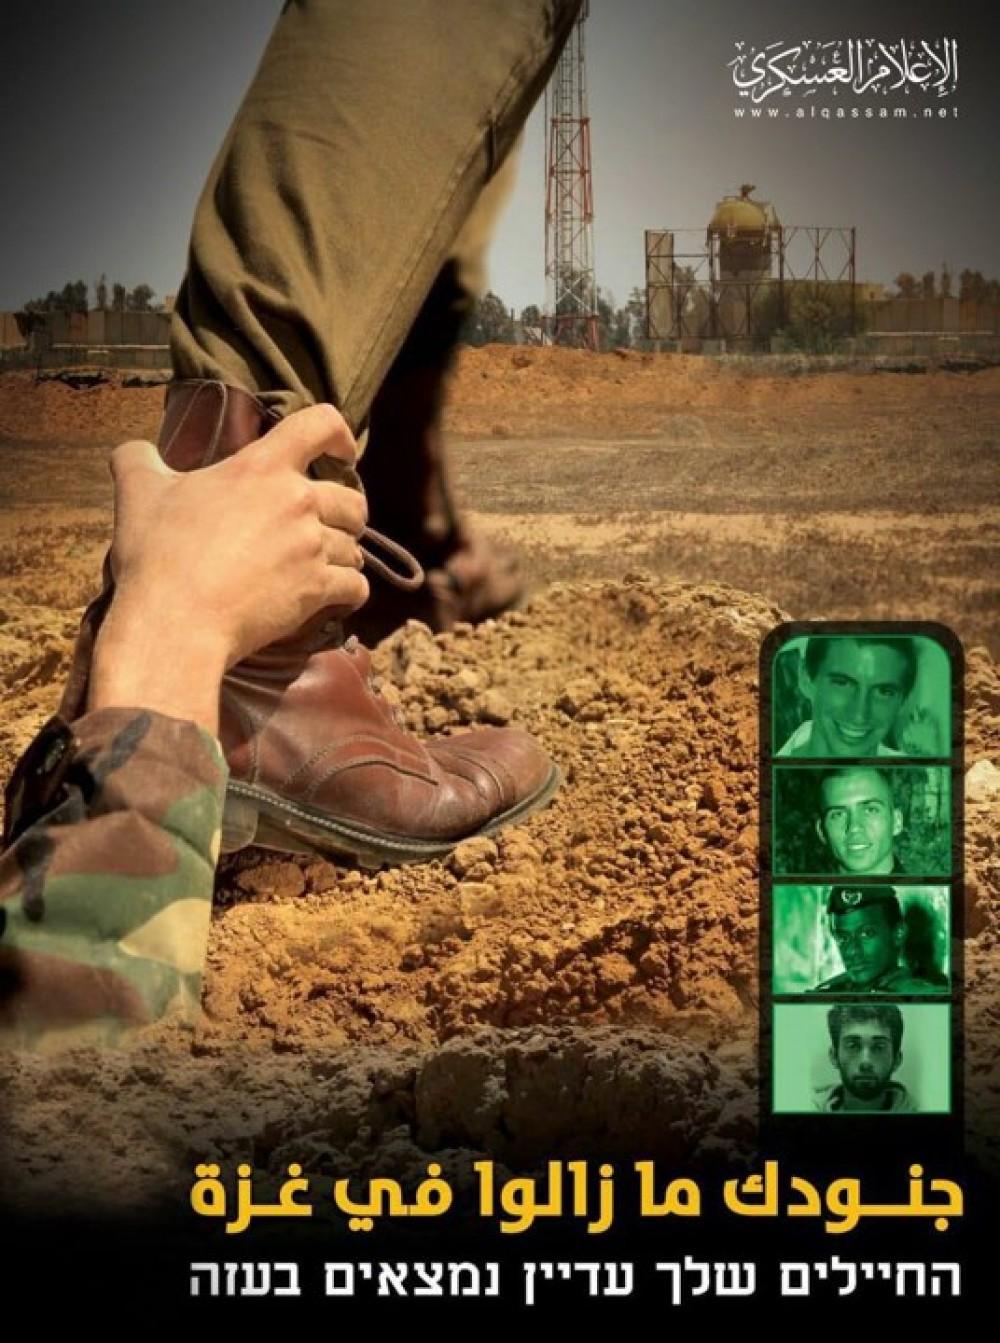 الصورة التي نشرها القسام